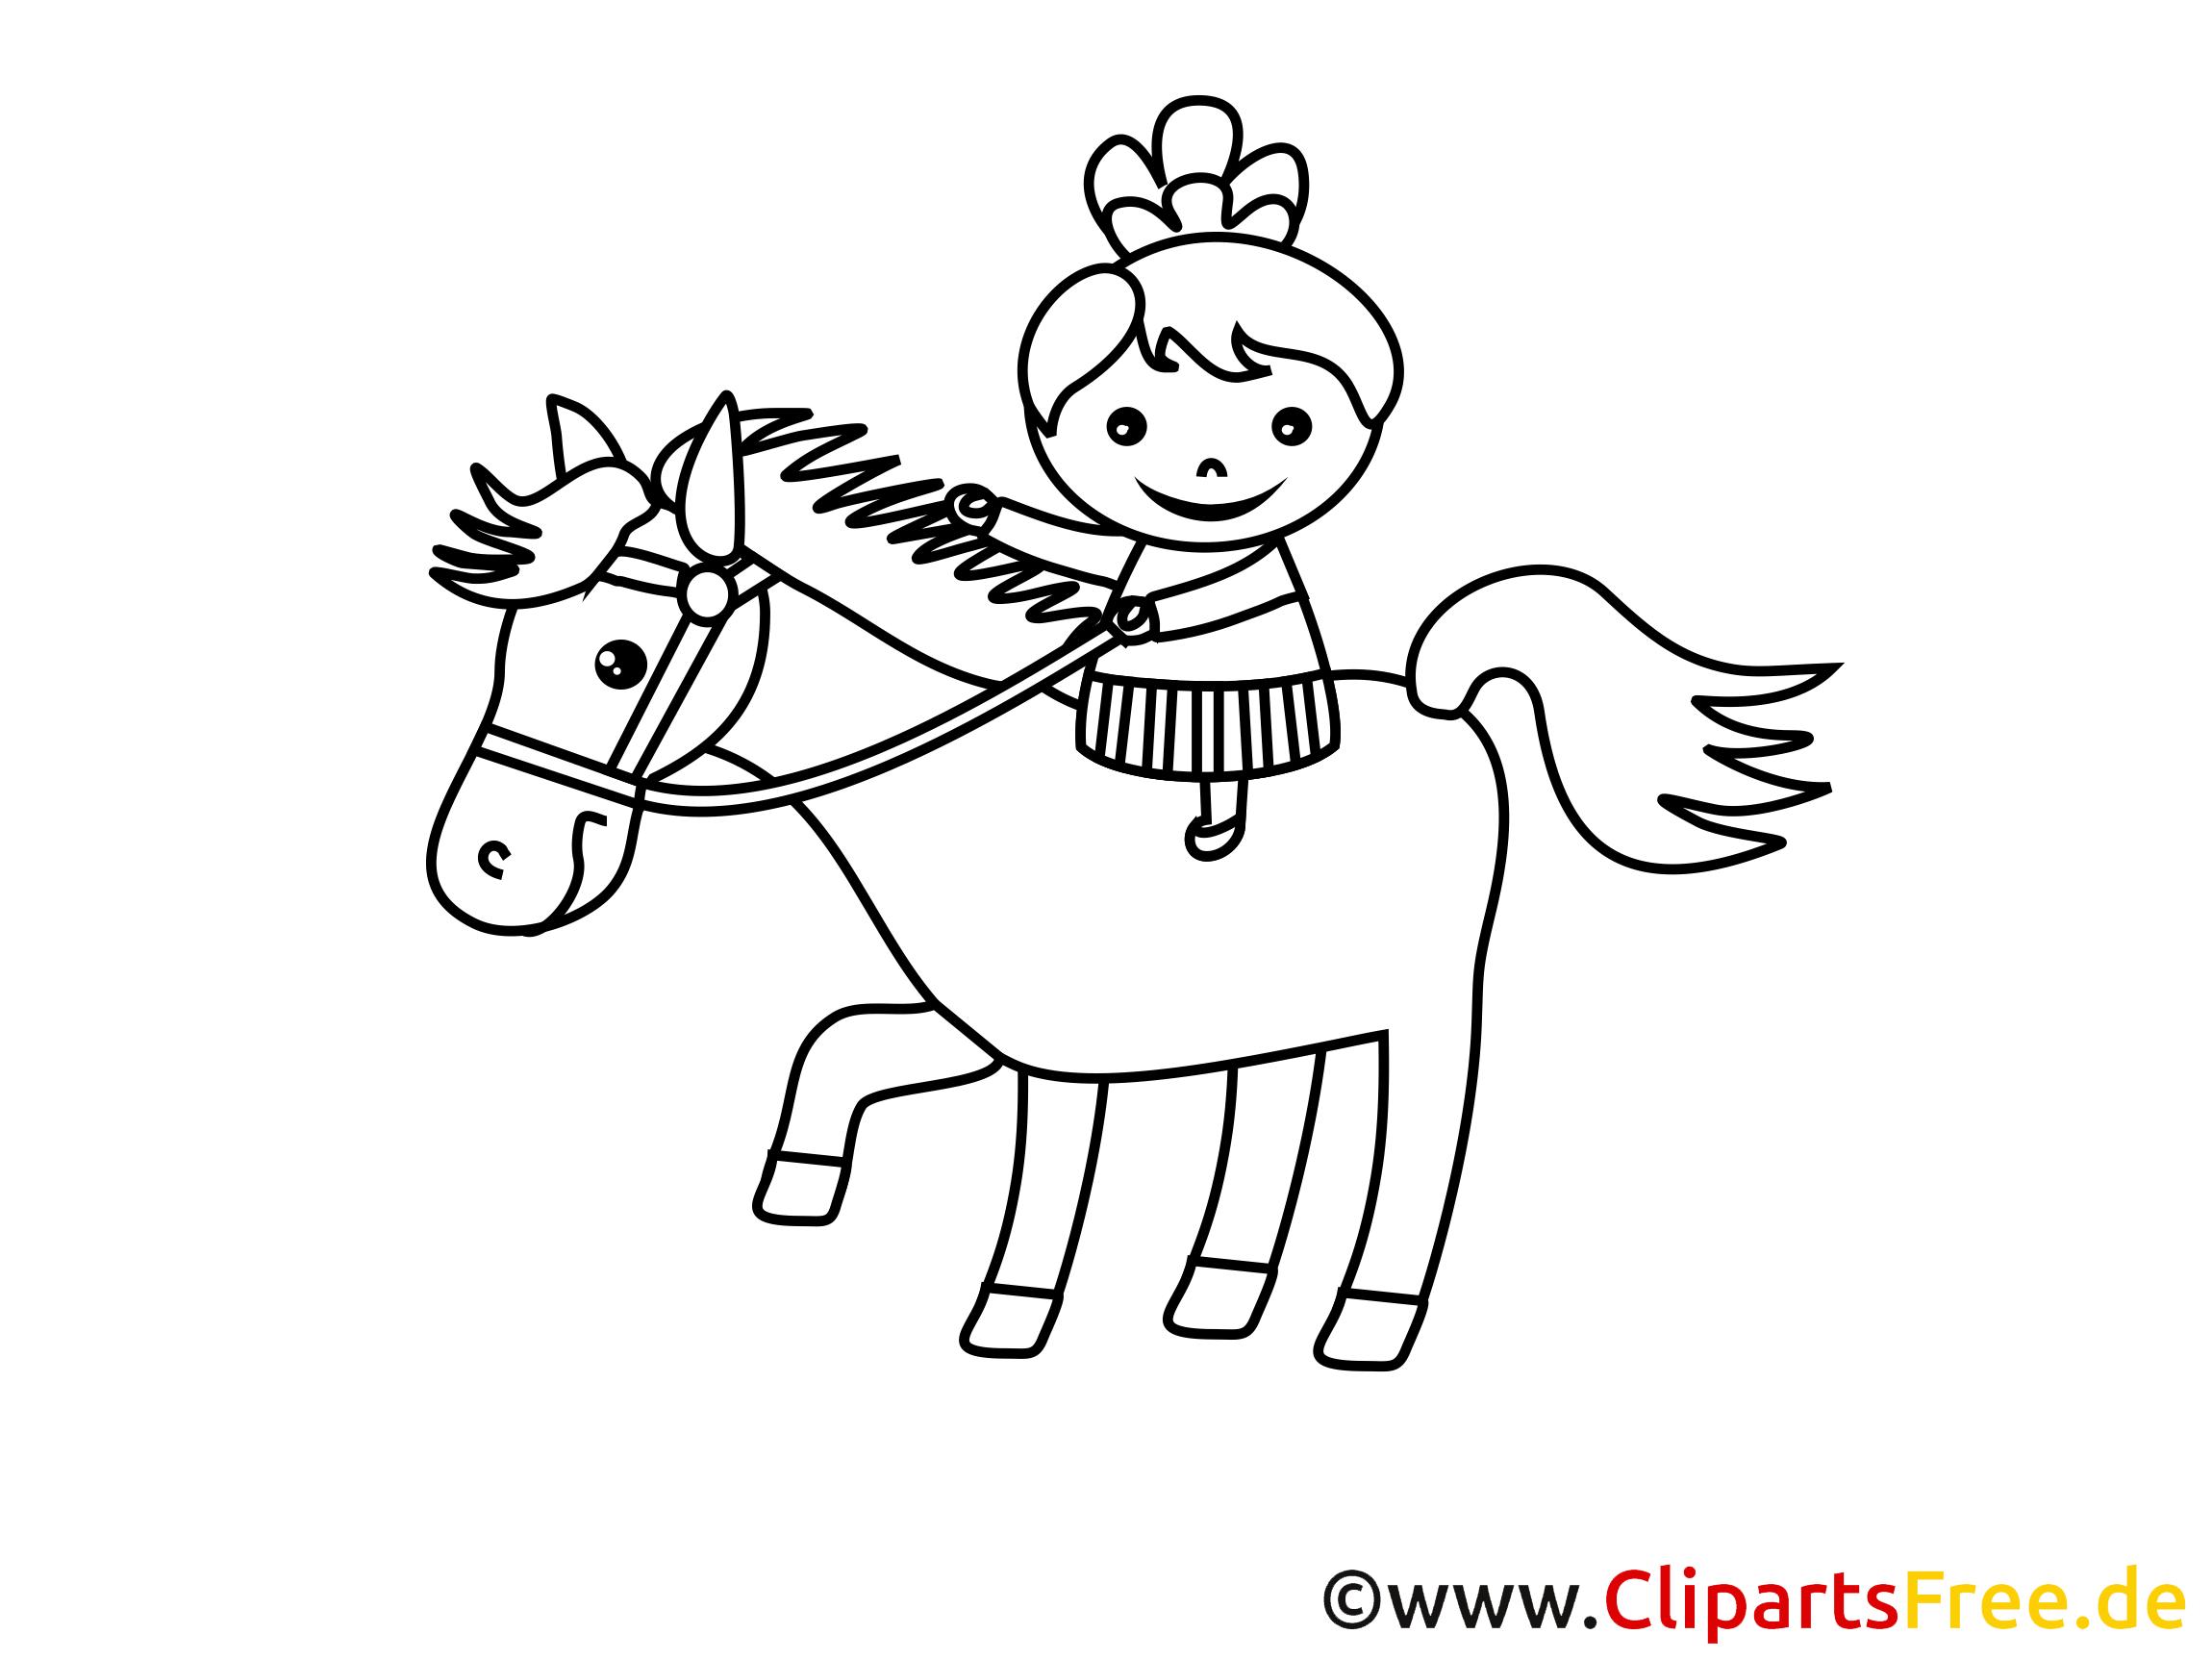 Écuyère clip art – Fille image à colorier